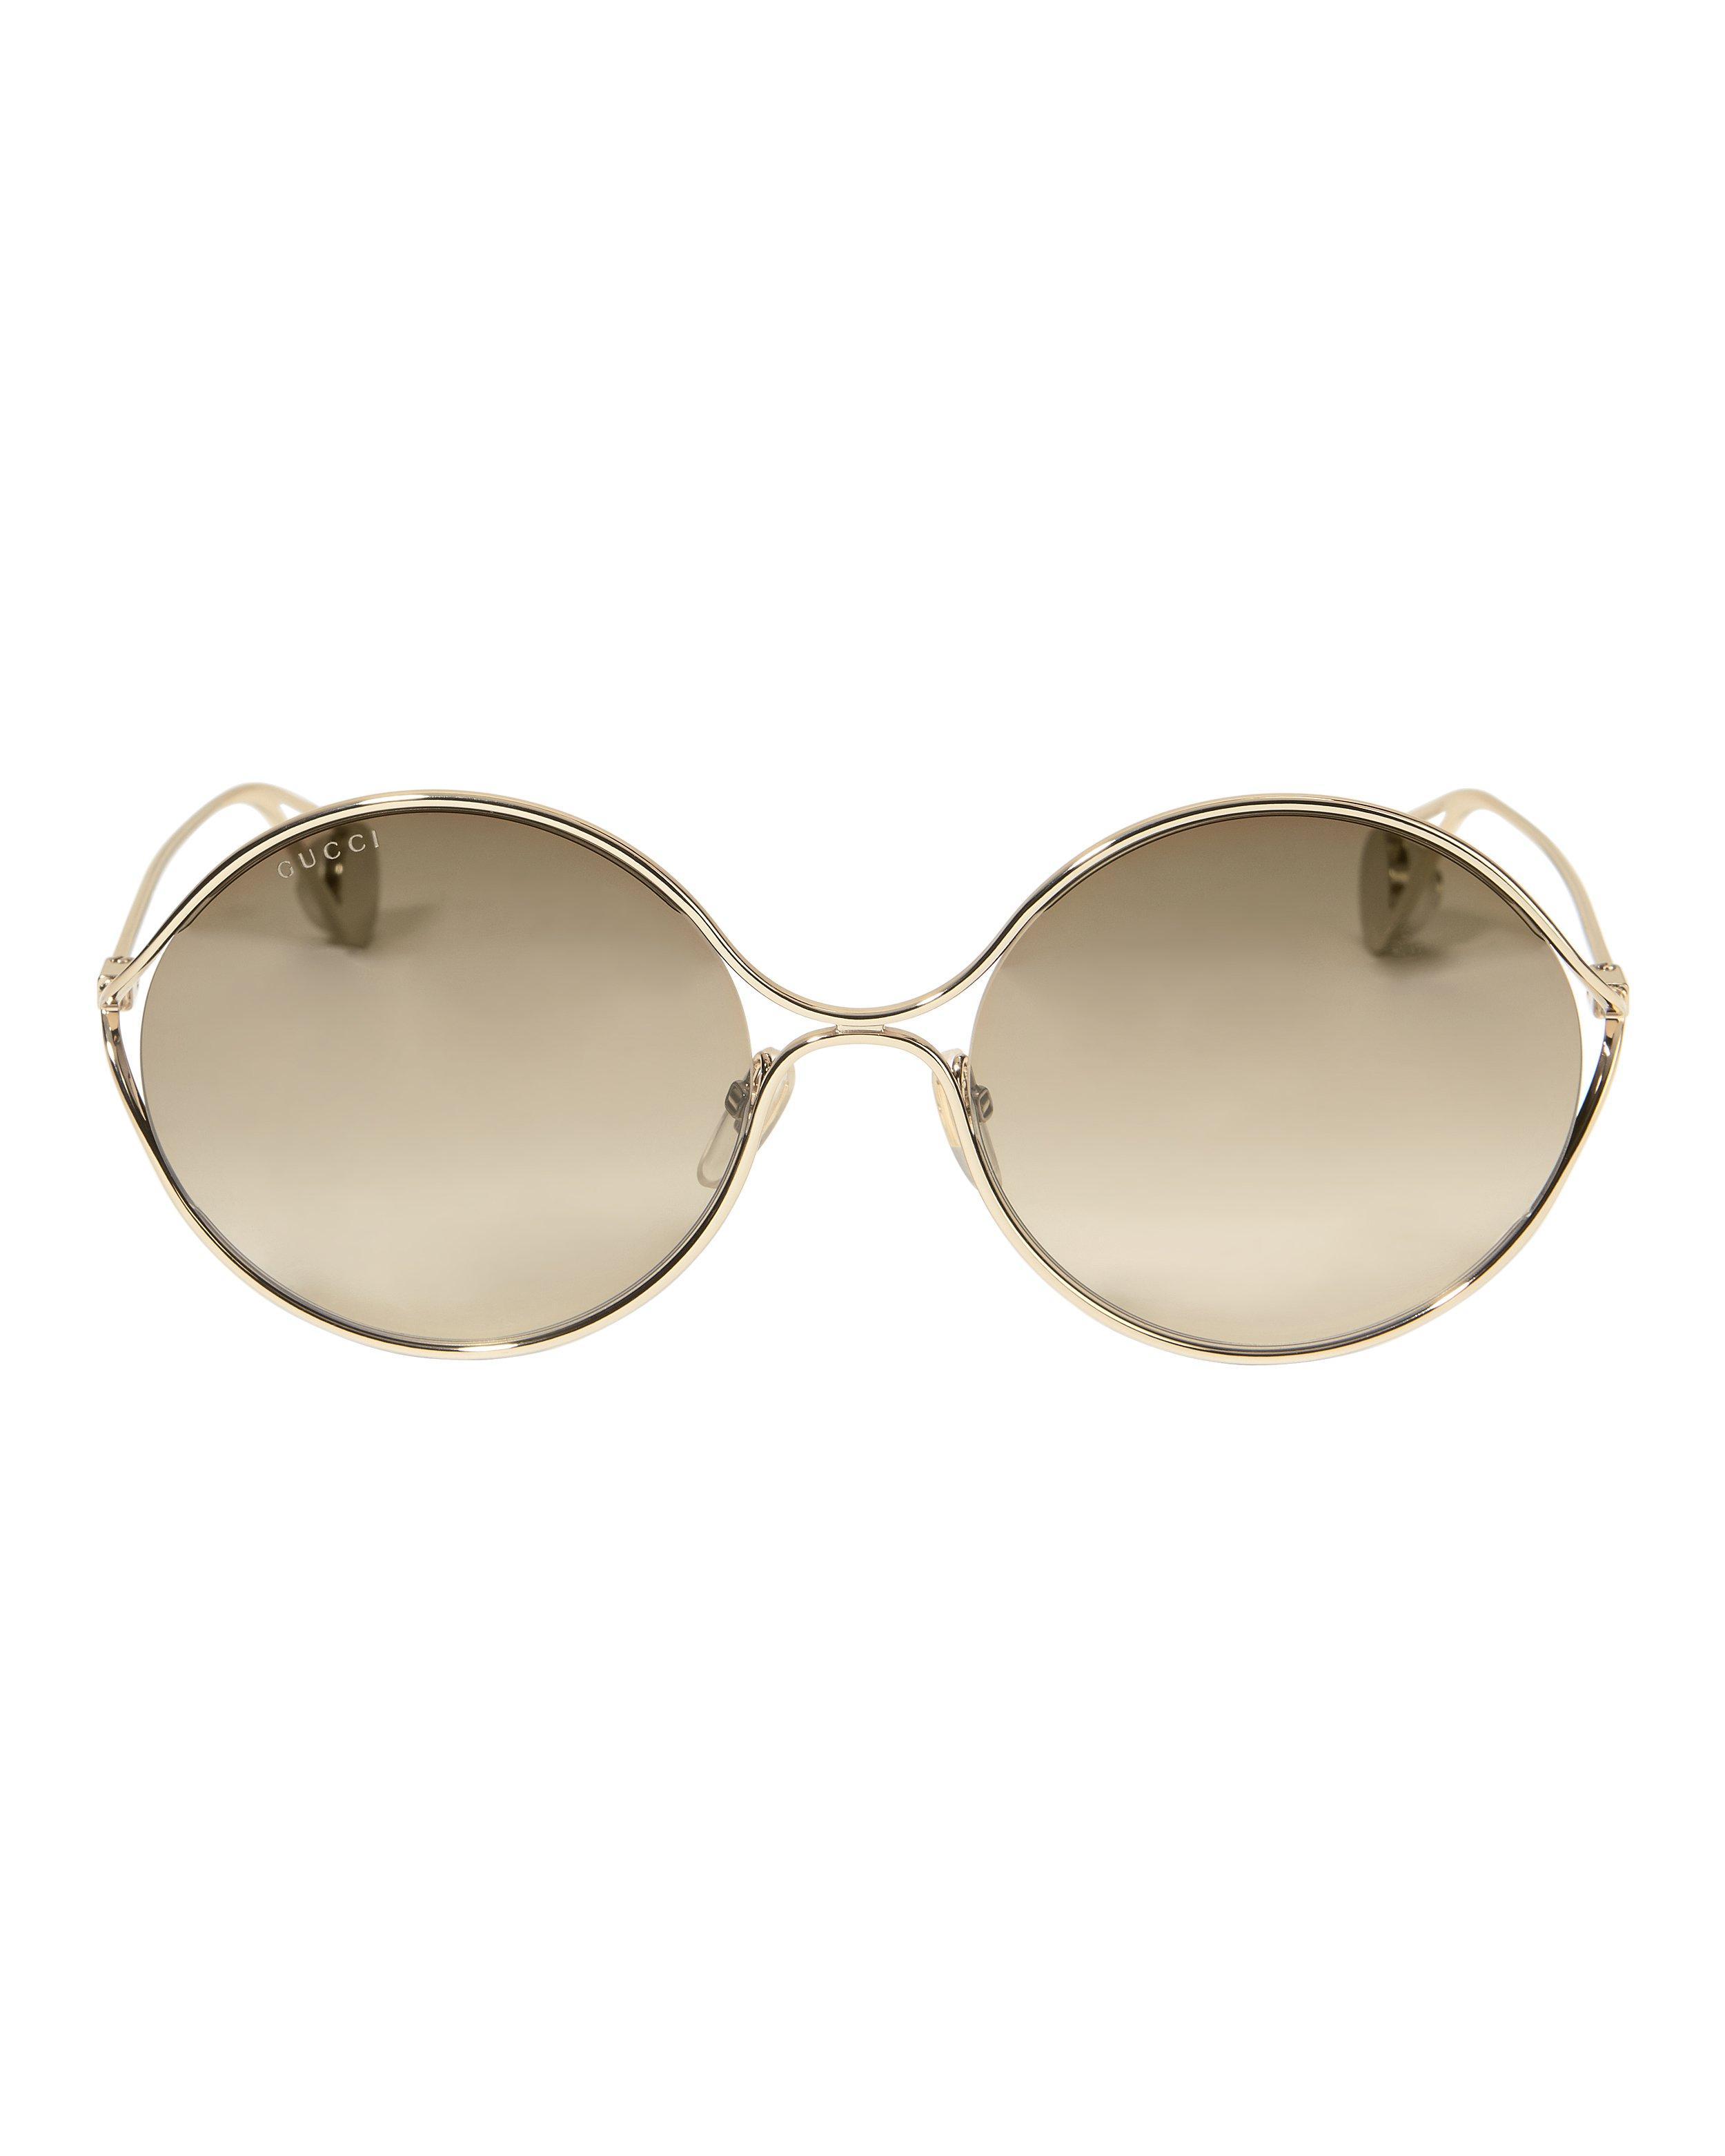 202f1166d00 Gucci - Metallic Oval Metal Sunglasses - Lyst. View fullscreen